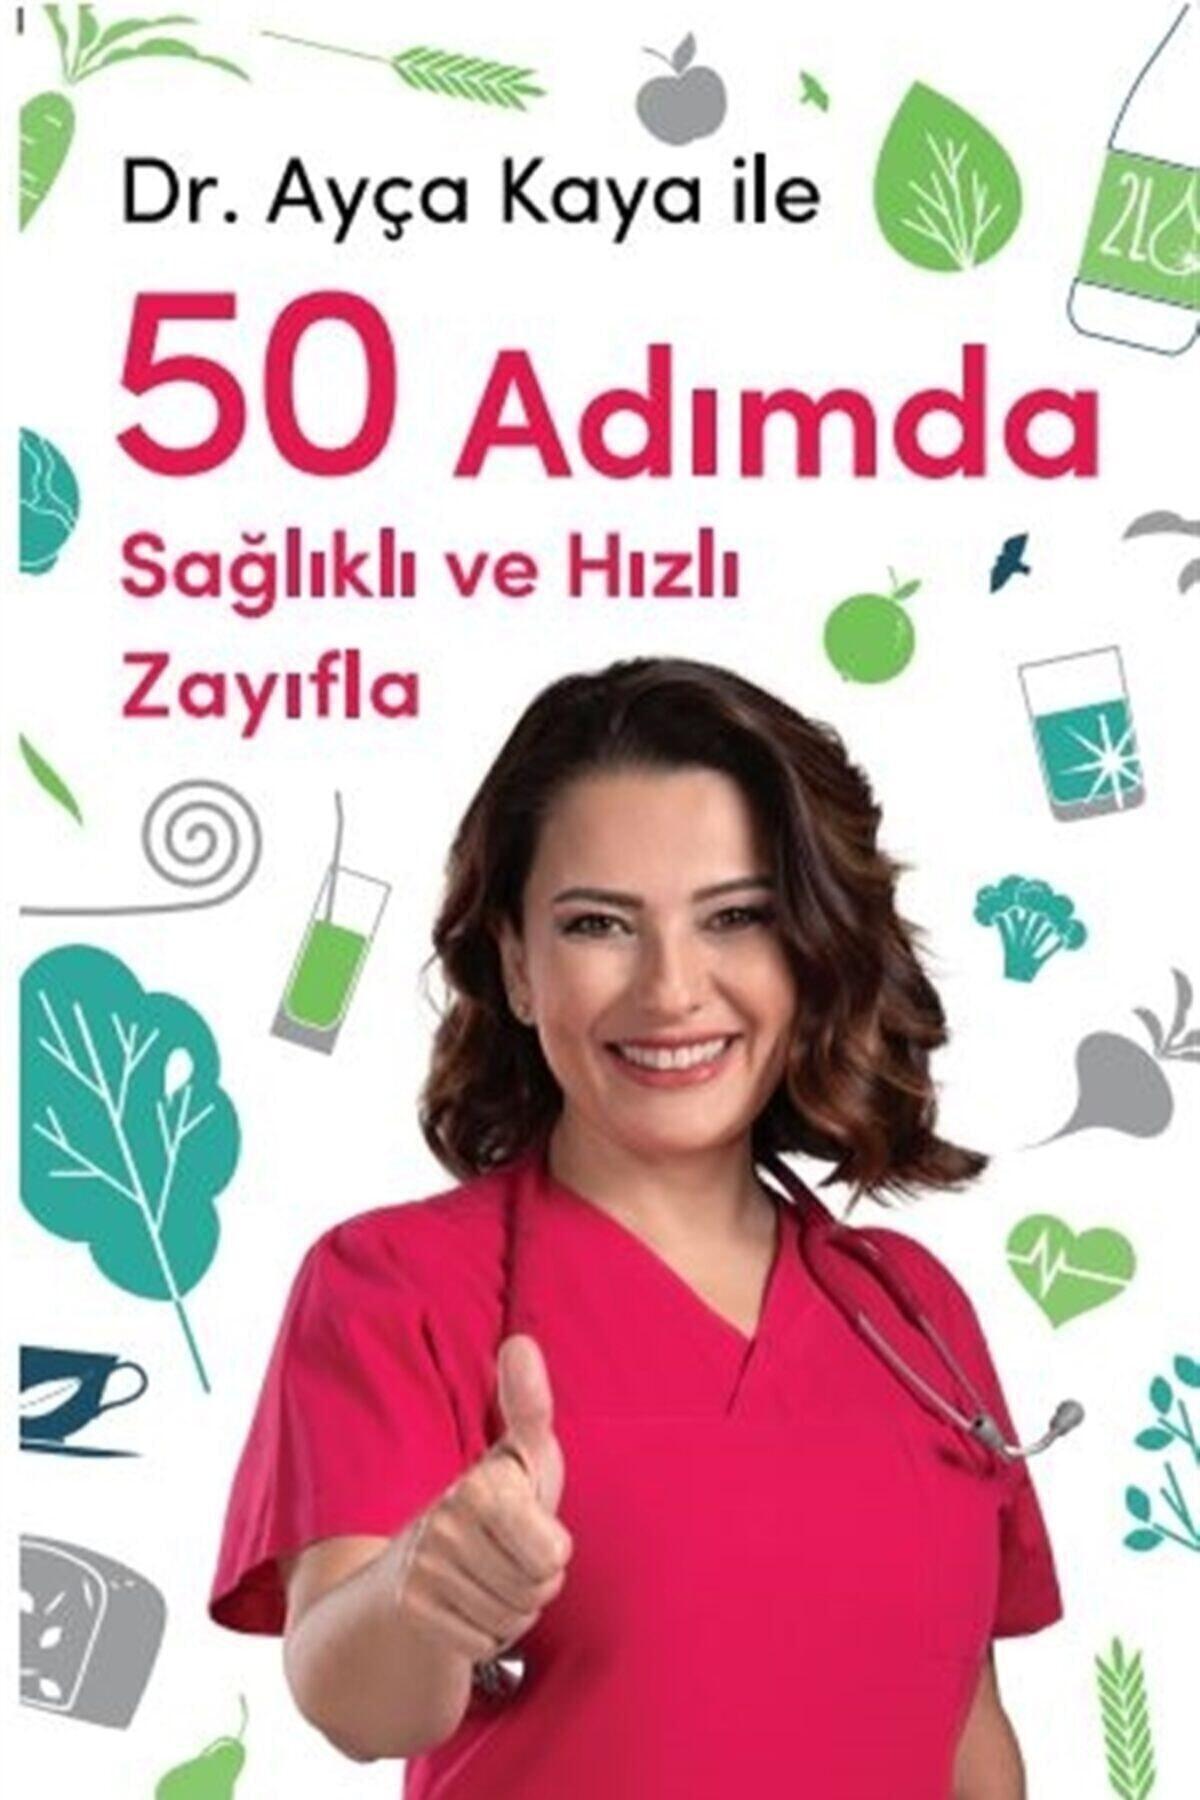 Hürriyet Kitap Dr. Ayça Kaya Ile 50 Adımda Sağlıklı Ve Hızlı Zayıfla - Ayça Kaya 9789753141369 1